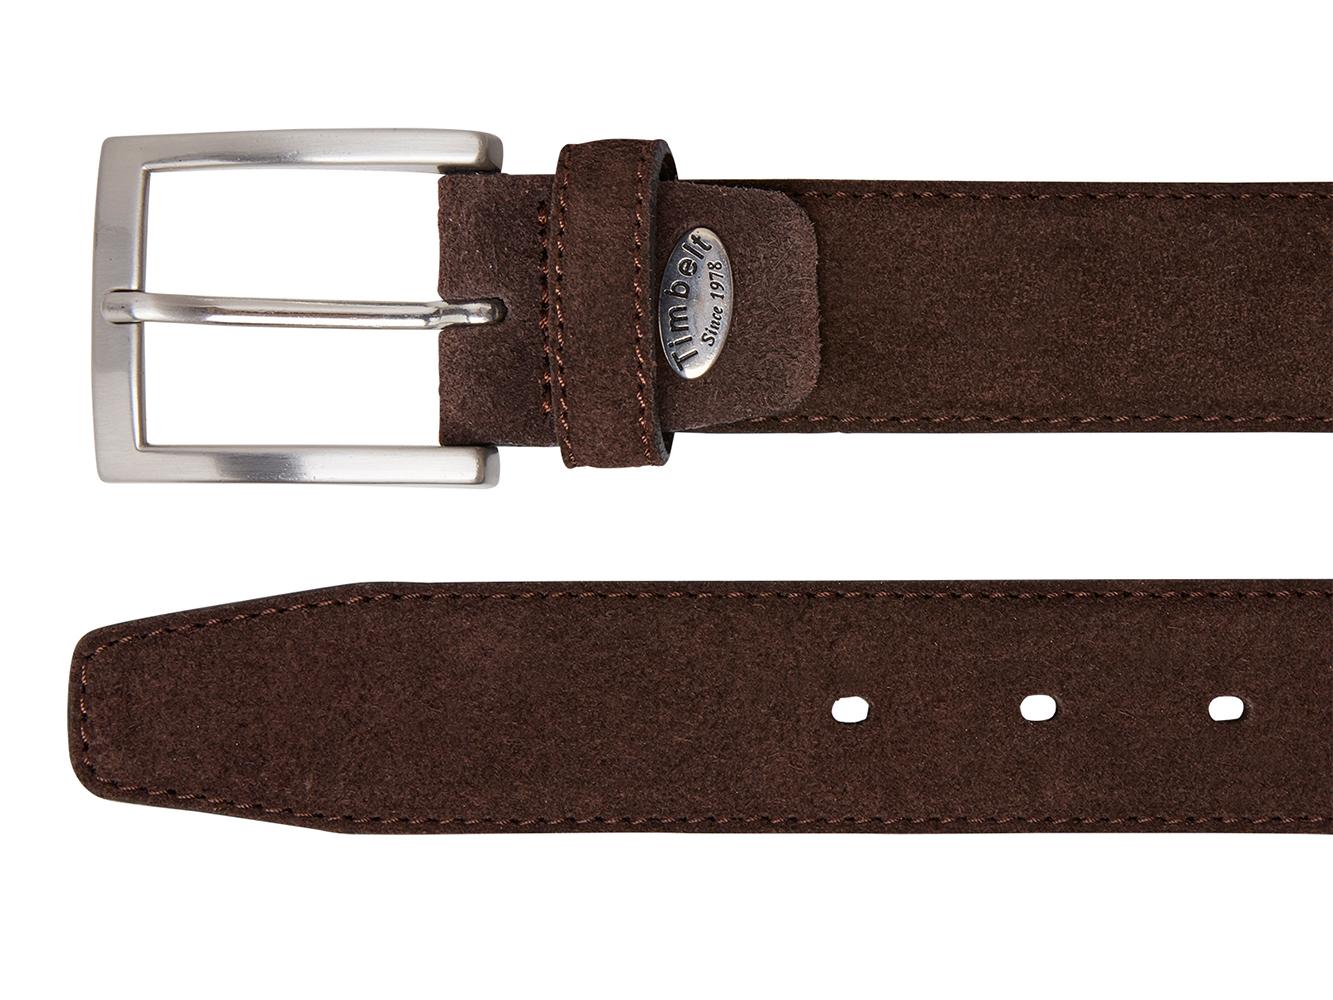 Timbelt 508 Heren Suède Leren Pantalon Riem 105/3,5 cm Bruin